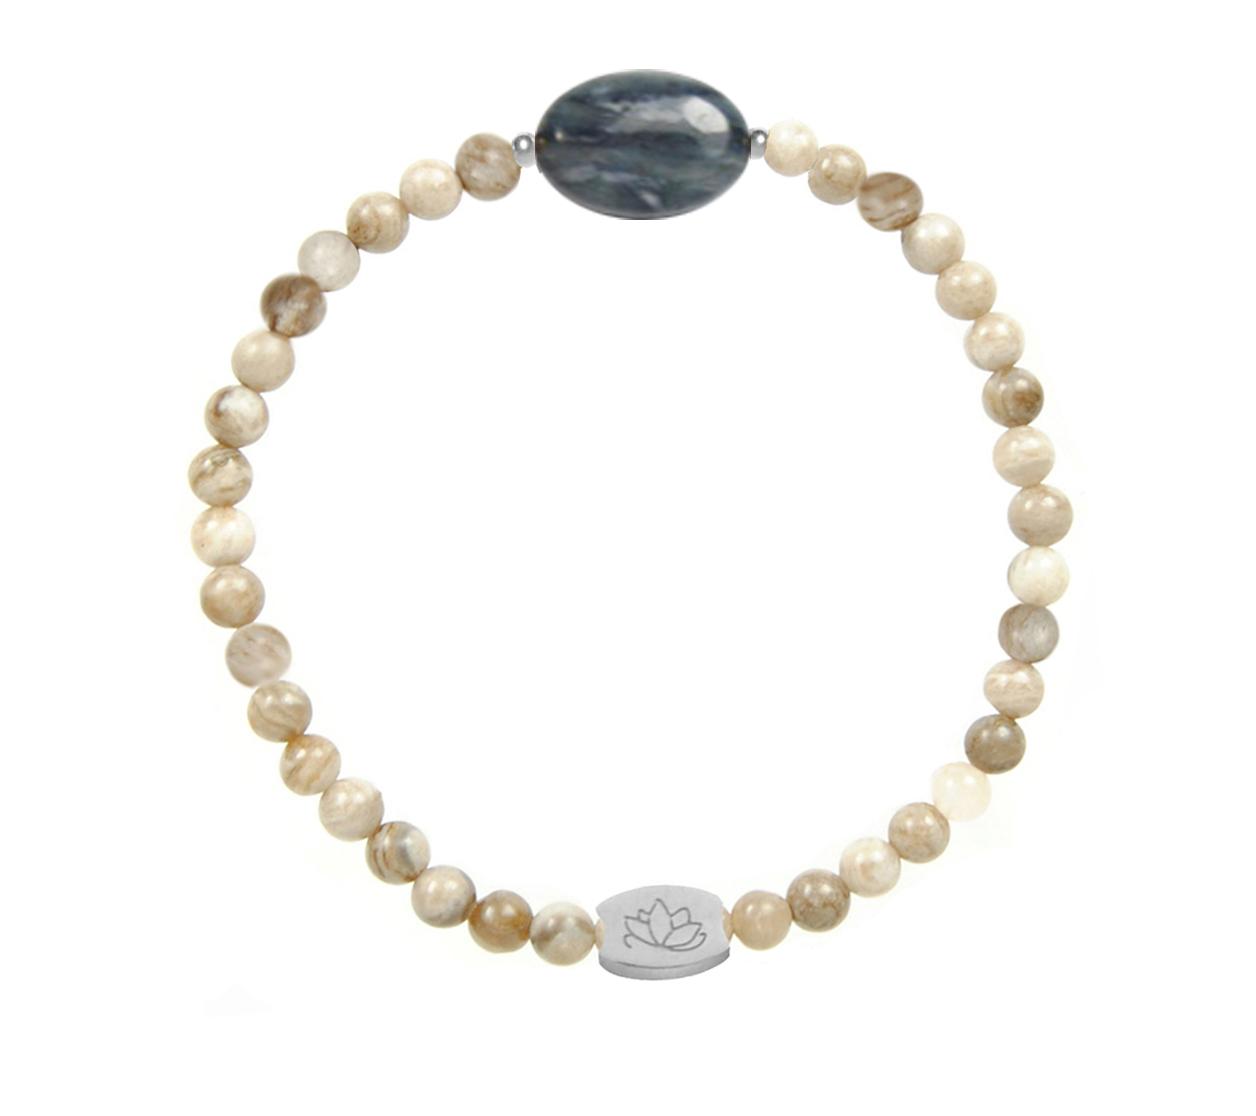 Armbaender für Frauen - MAS jewelz Armband Silberblattjaspis 4mm mit ovalem Stein Blauquartz  - Onlineshop Tante Emmer